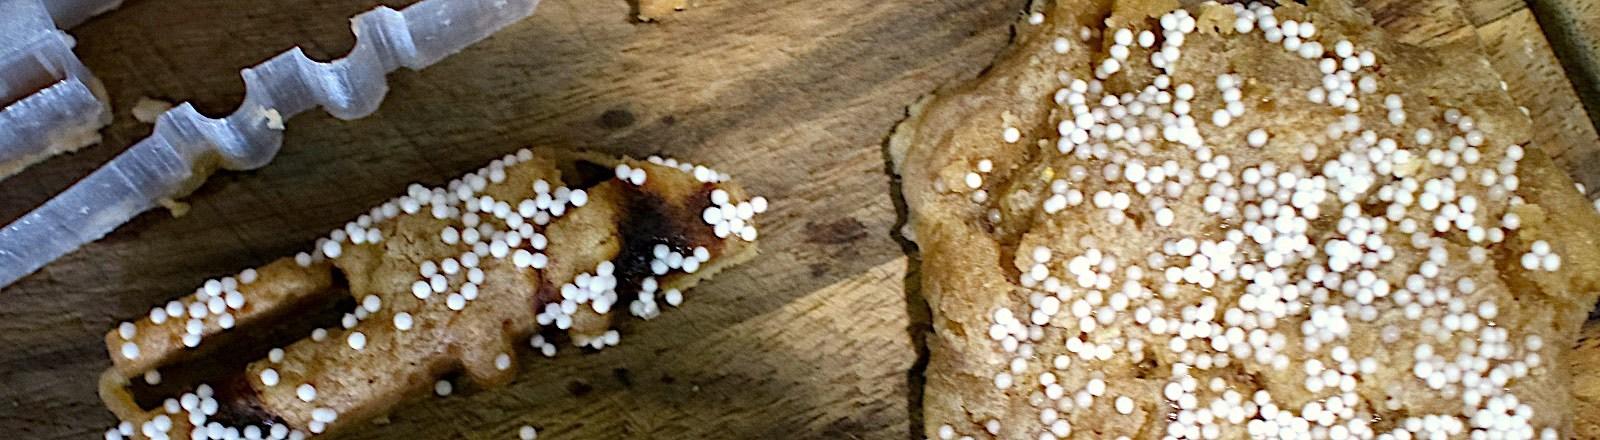 Kekse auf einem Blech